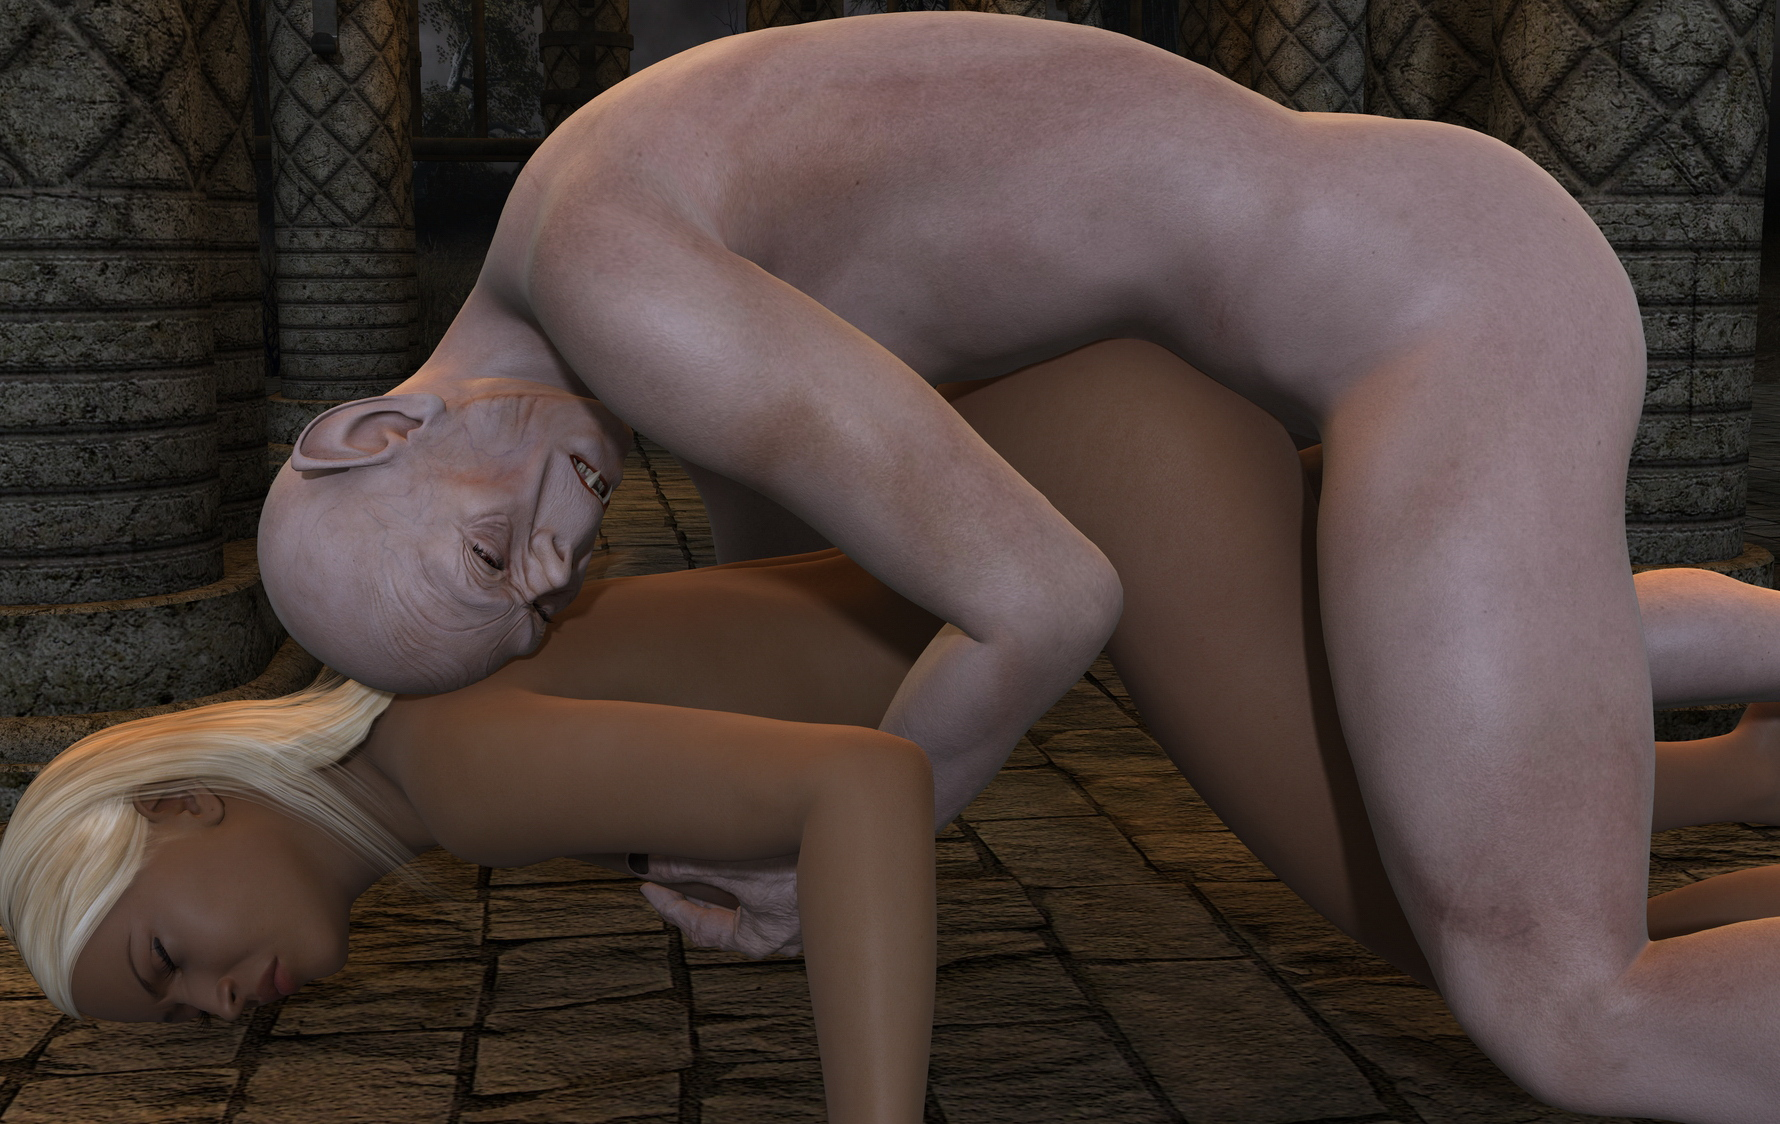 Shlya stylez playboy the mansion erotic images